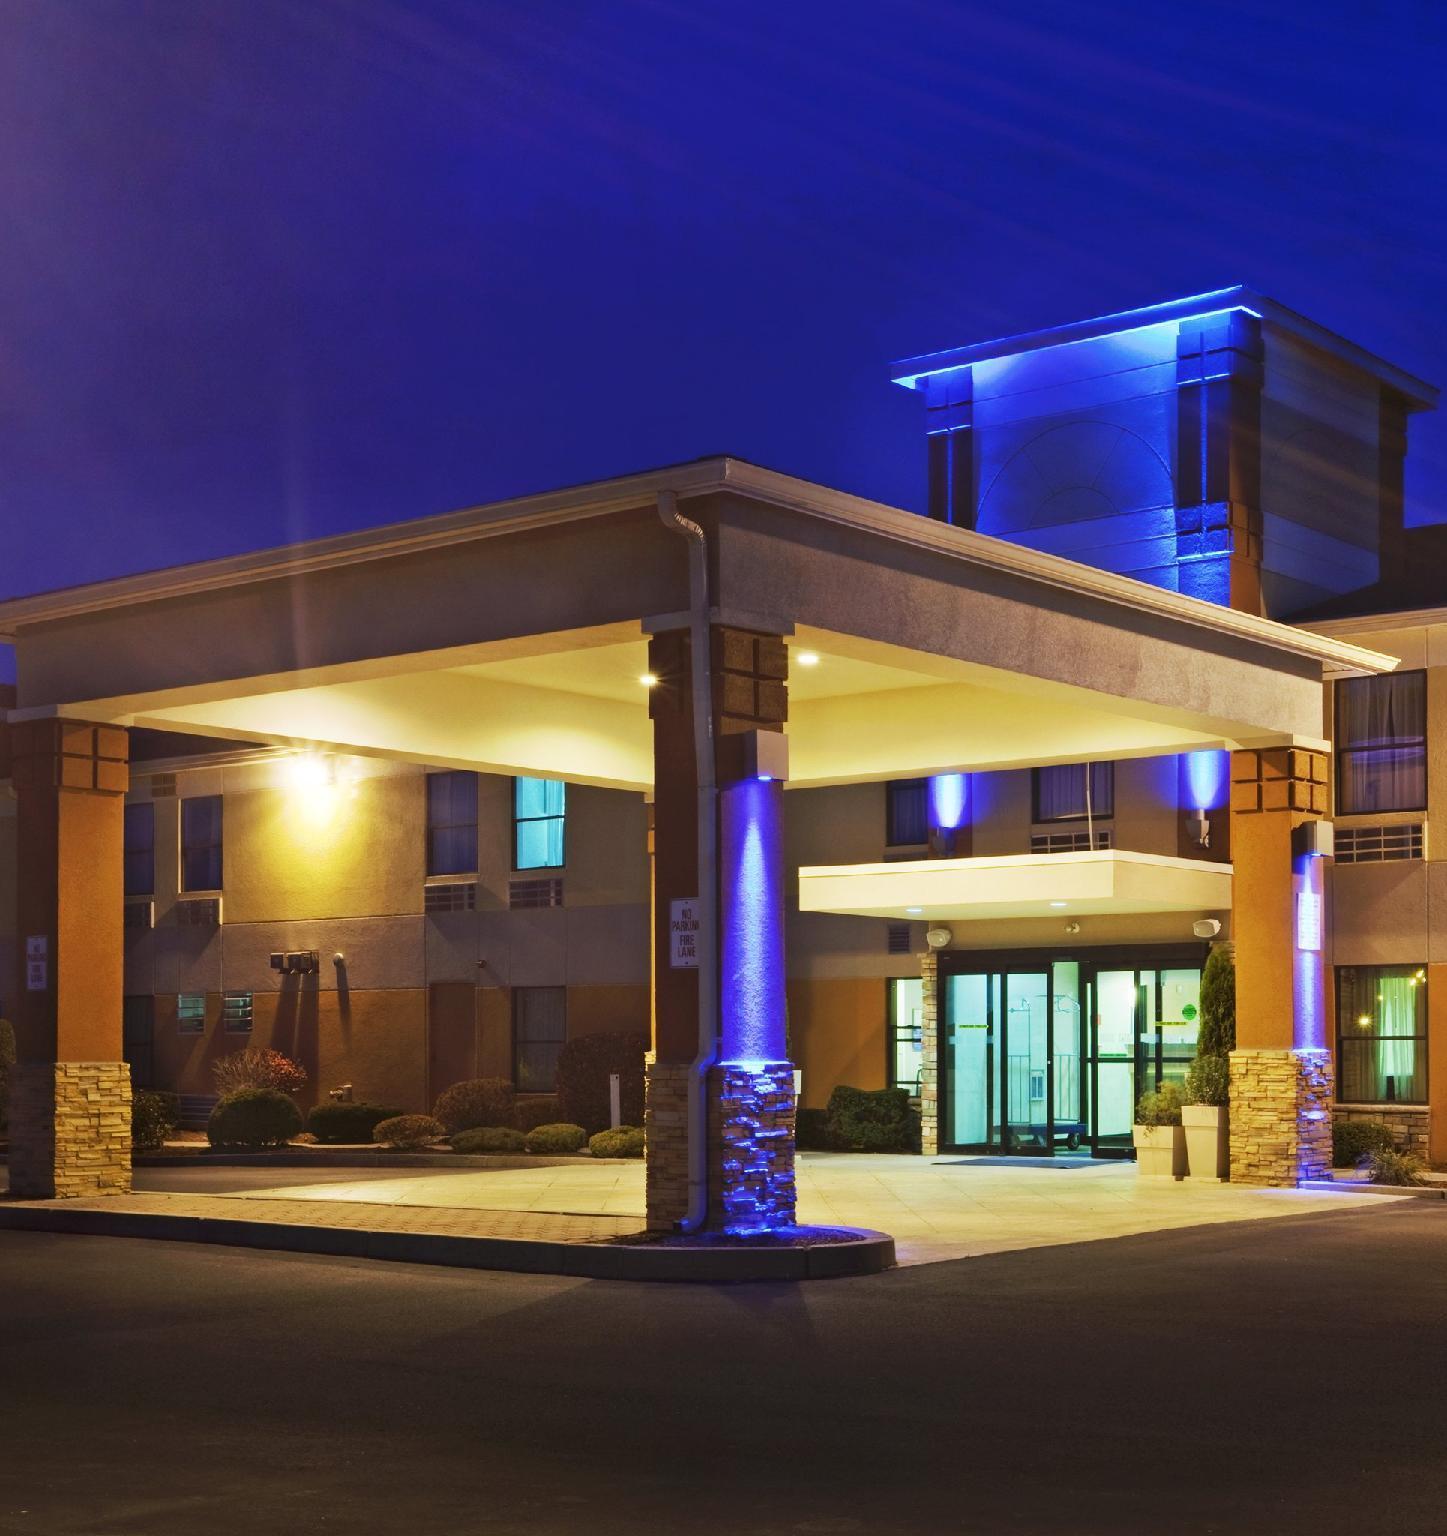 Holiday Inn Express North Attleboro, Bristol